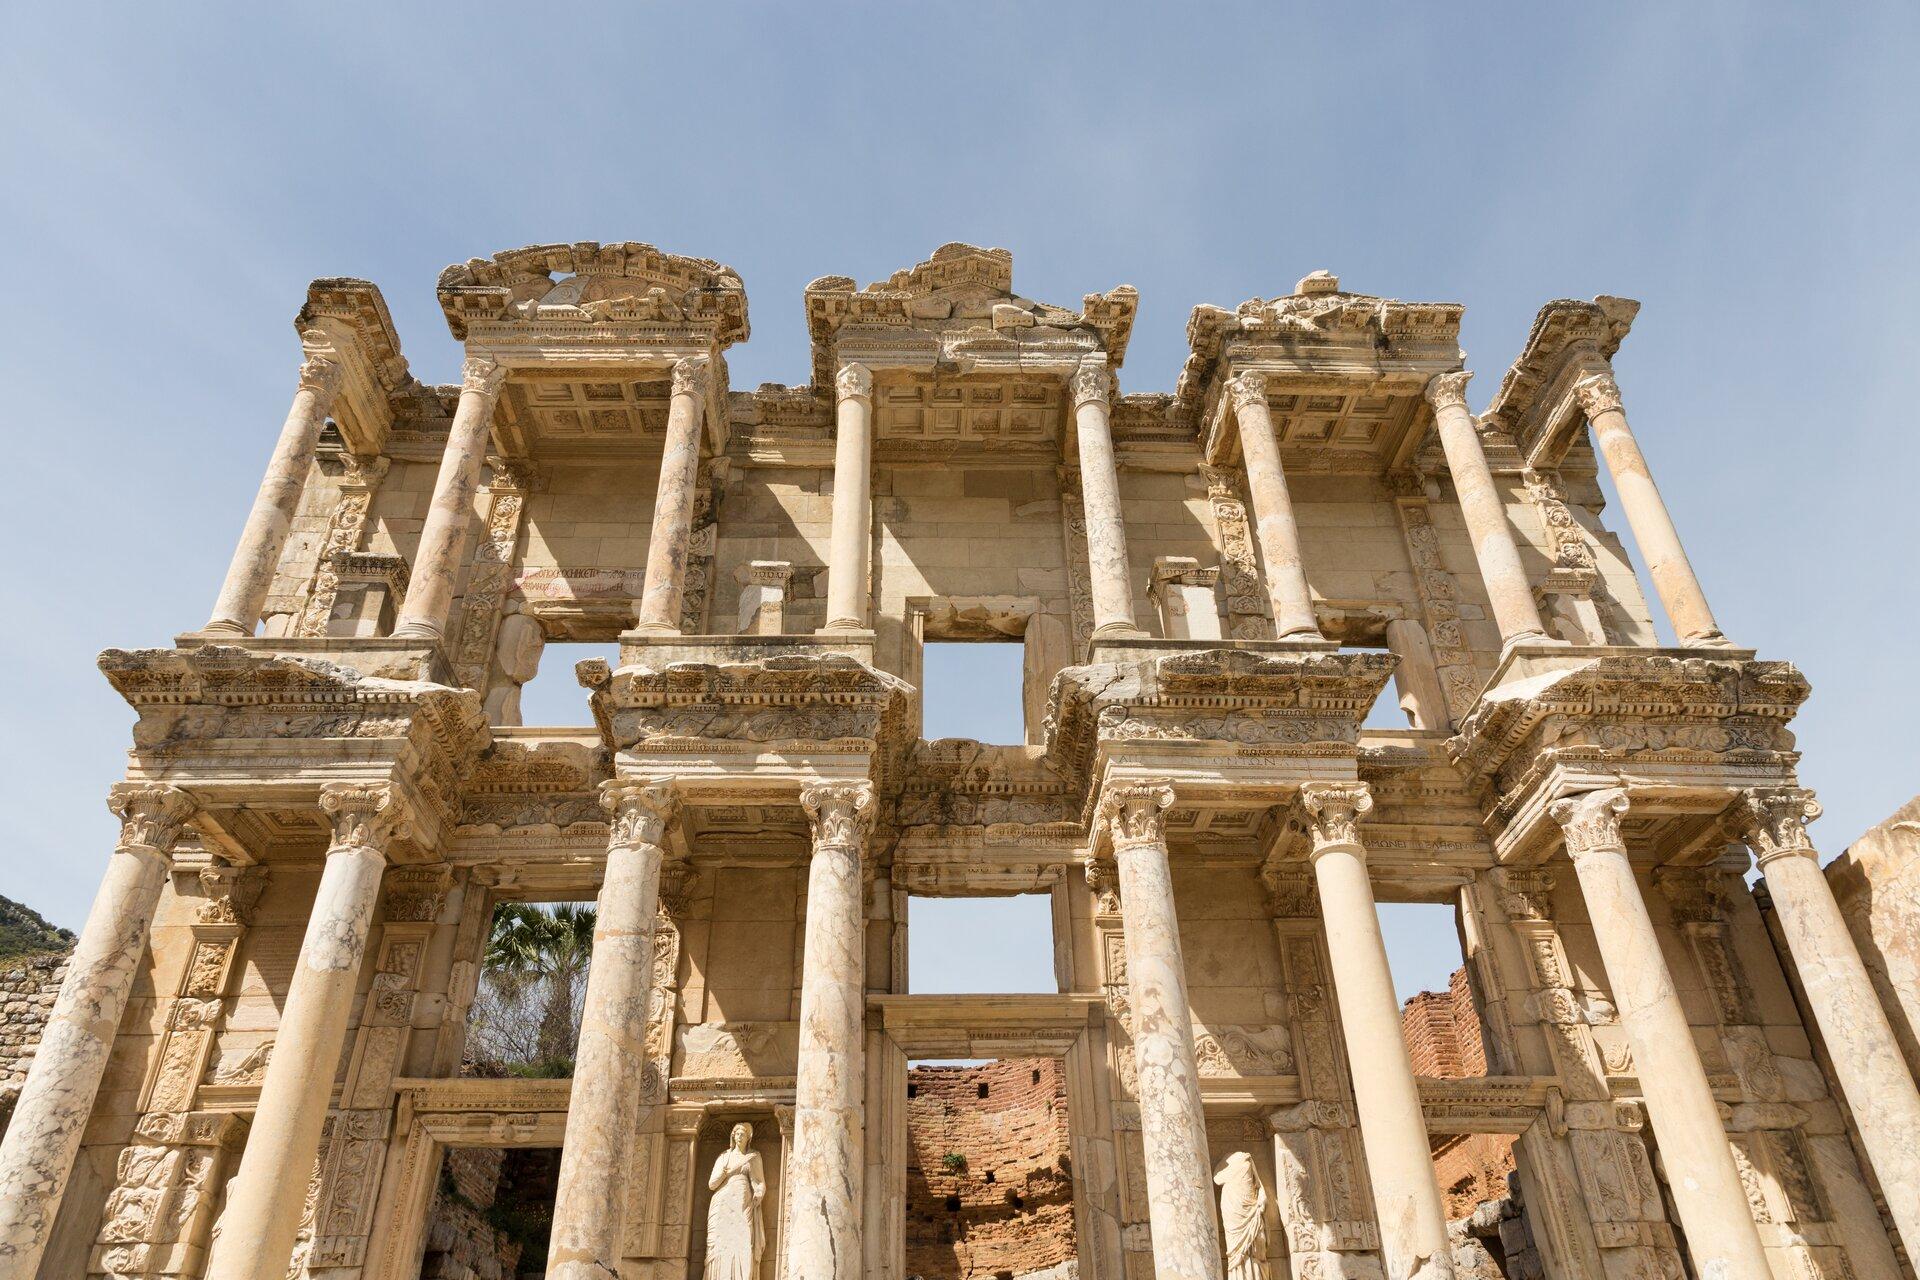 Fotografia nieznanego autora przedstawia ruiny starożytnej budowli Biblioteki Hadriana. Budynek składa się ze ścian oraz zkolumnady. Na samym dole pomiędzy kolumnami widoczne są rzeźby przedstawiające kobiety.  Wtle za ruinami znajdują się brązowe mury.